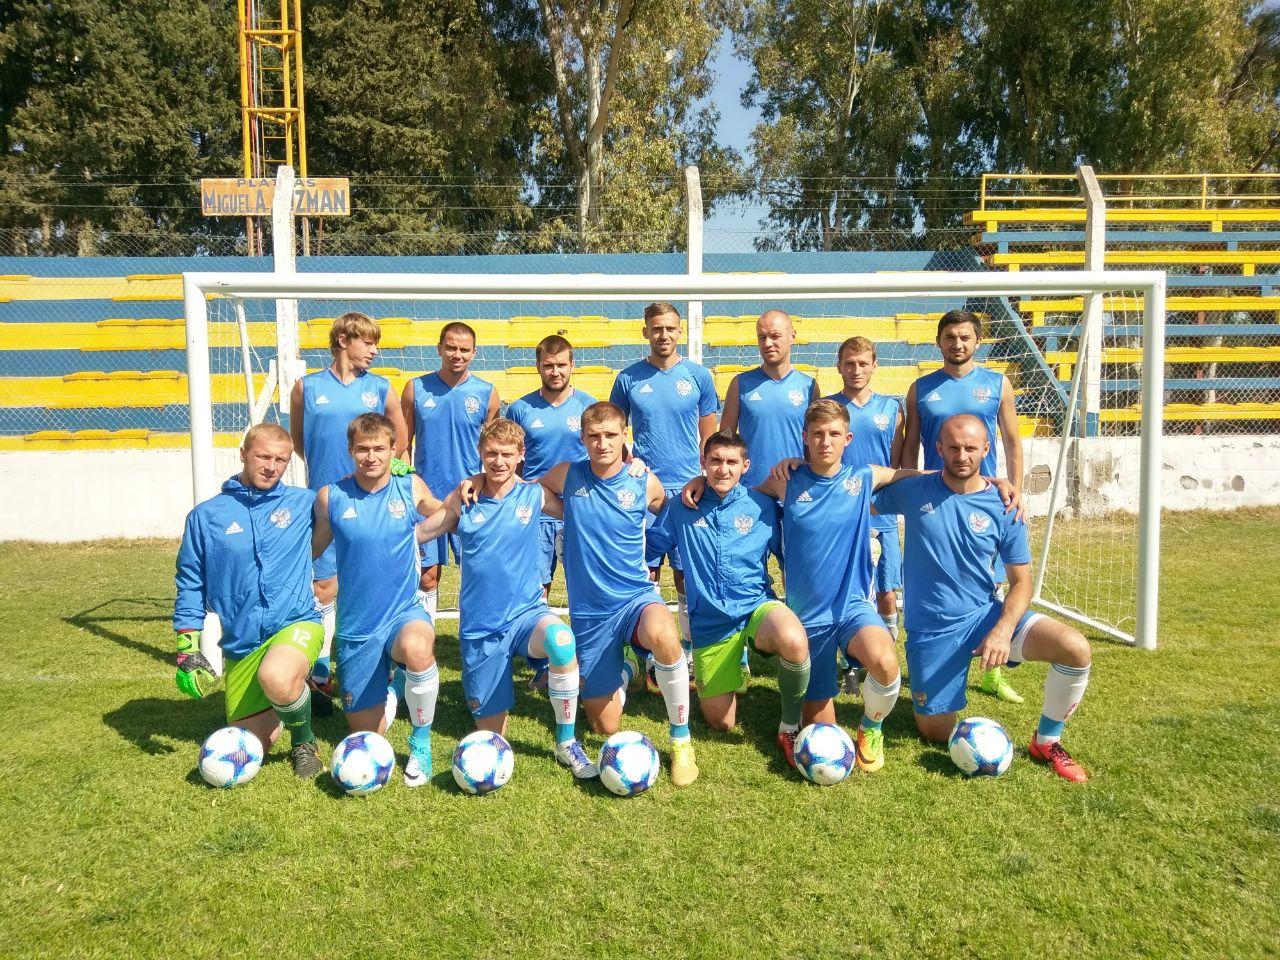 Сборная команда России одержала победу над командой Ирана в своем первом матче на чемпионате мира по футболу ЦП 7х7 в Аргентине